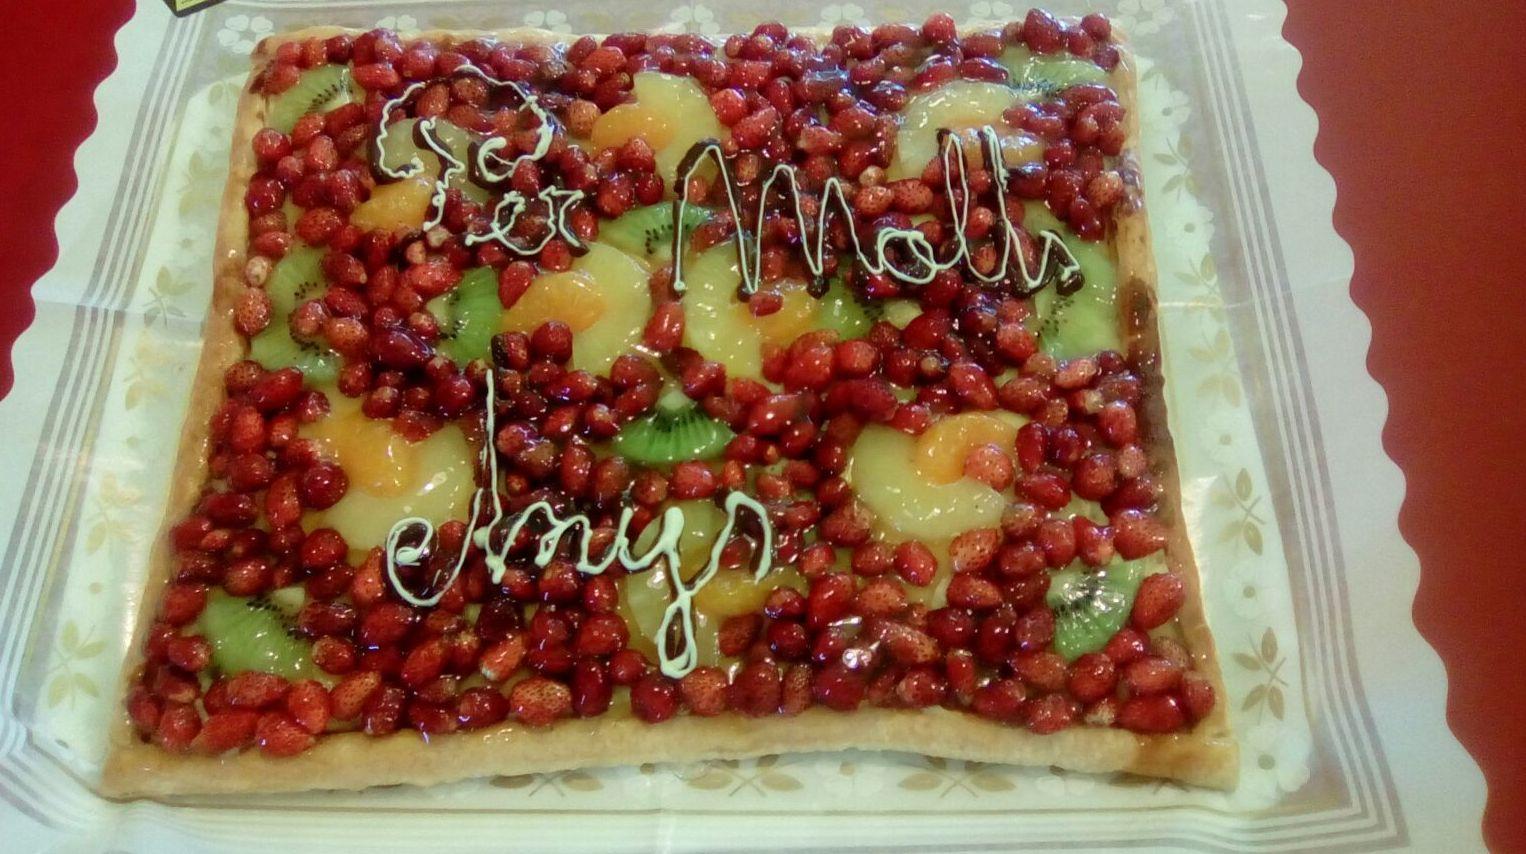 Hacemos tu tarta a tu gusto! ven a conocernos!